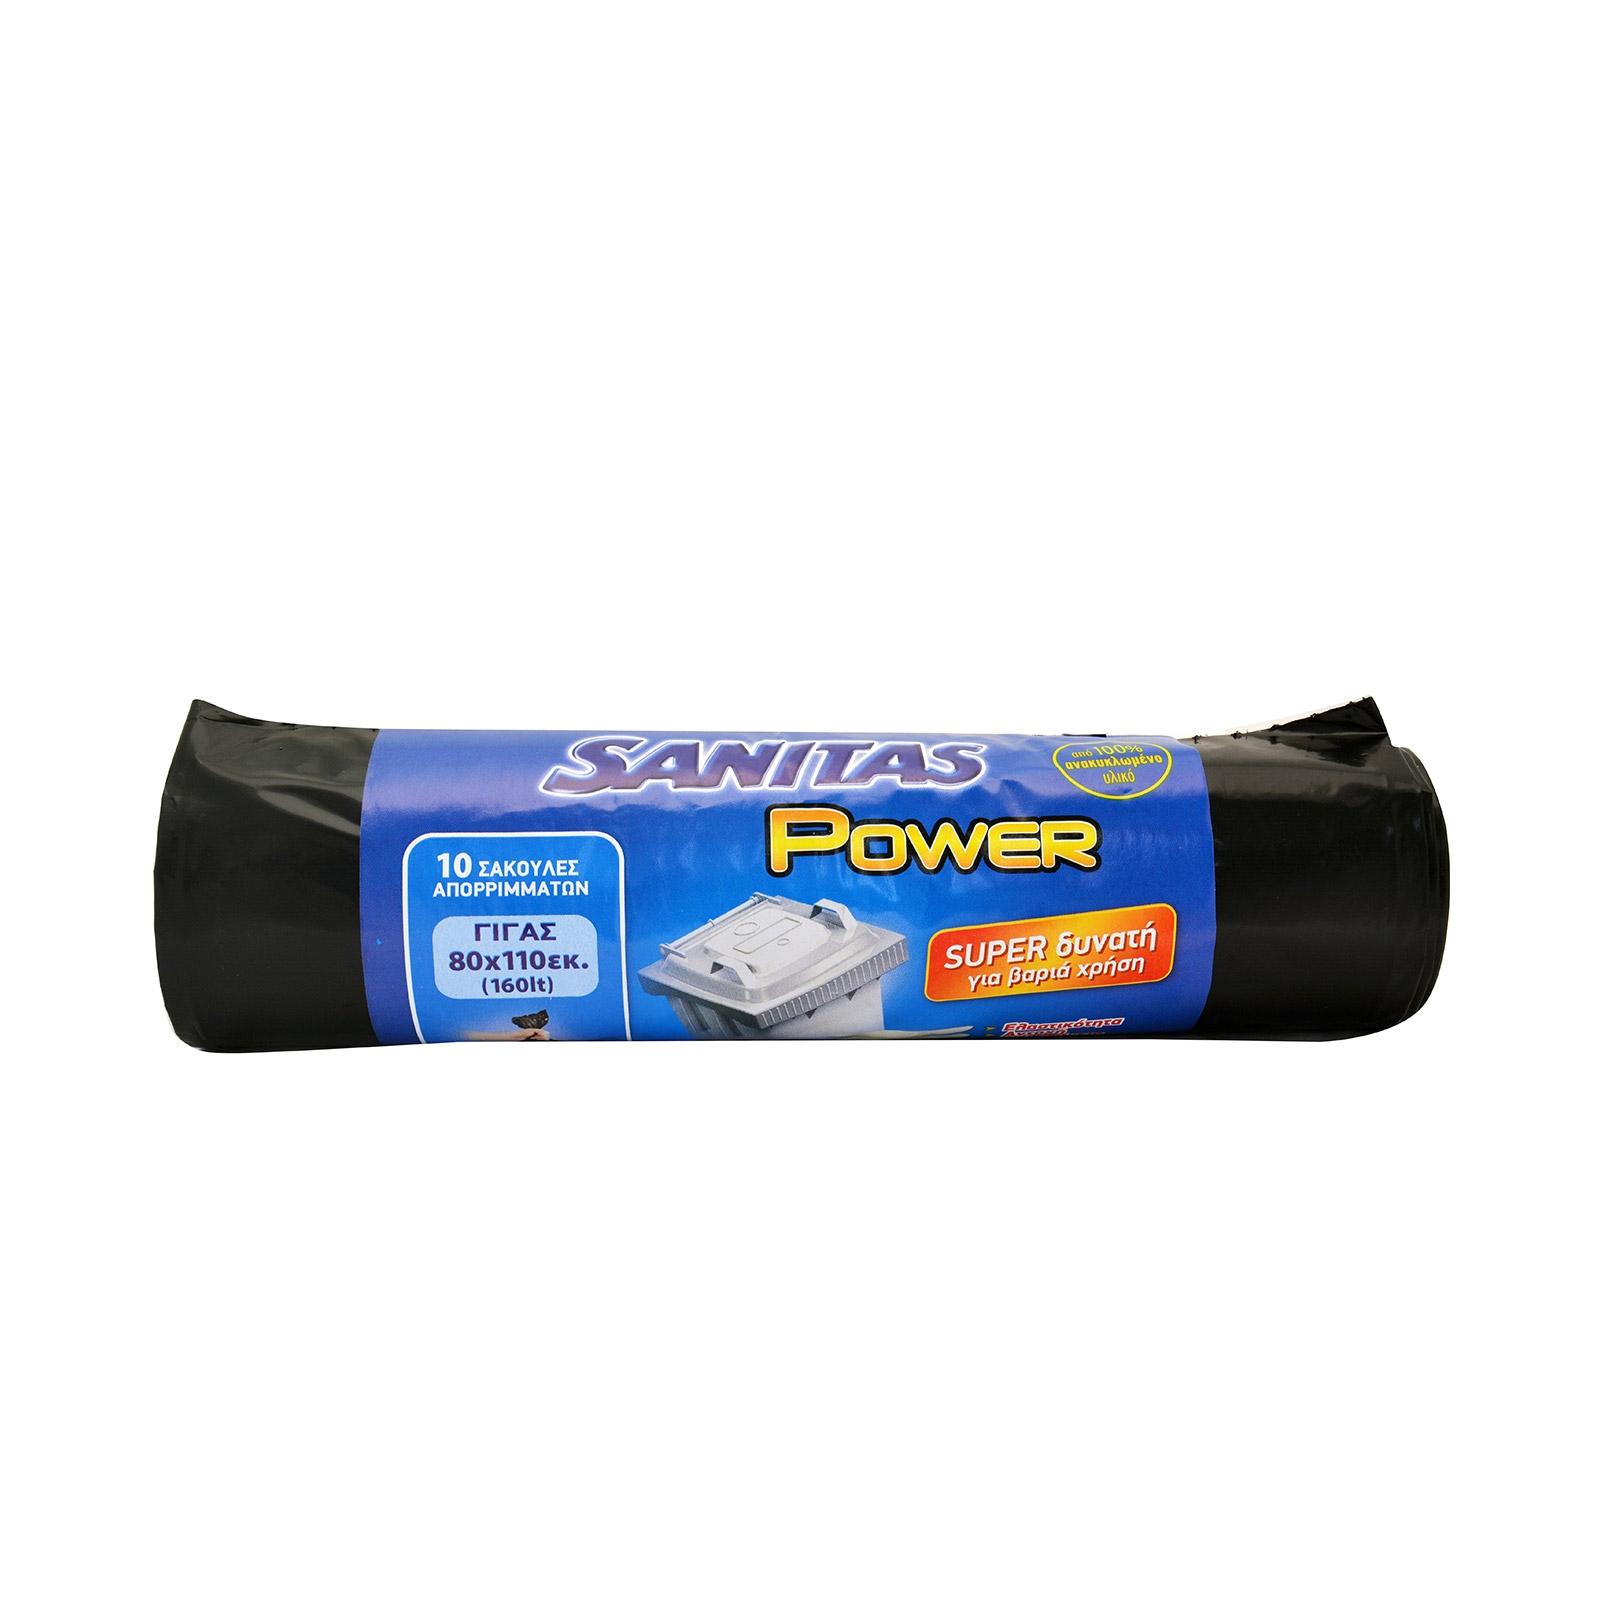 Σακούλες απορριμάτων γίγας Power Sanitas (10τεμ)